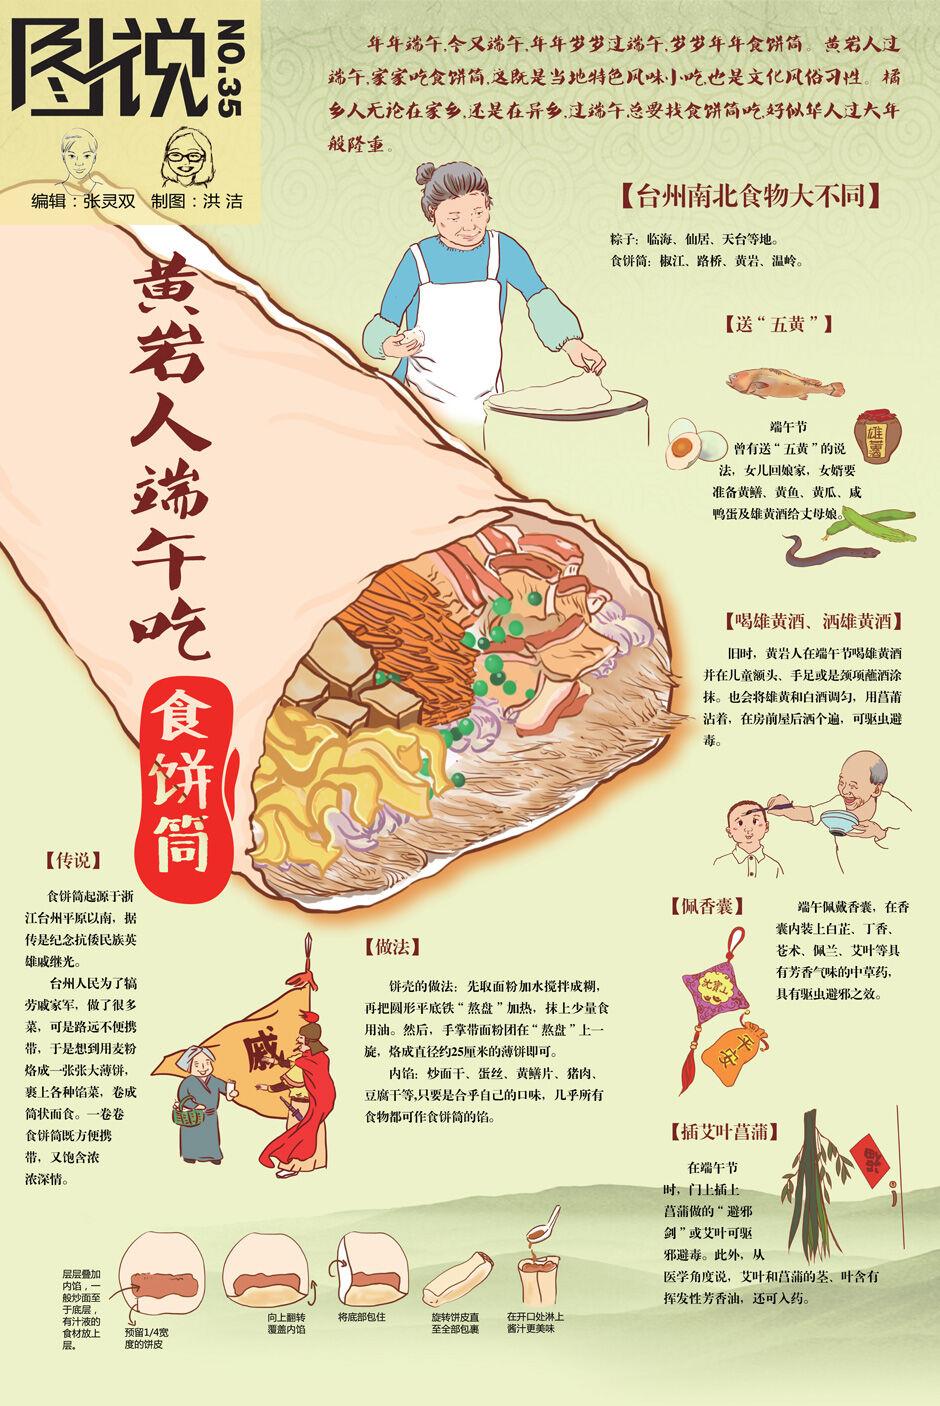 【第35期】黄岩人端午吃食饼筒